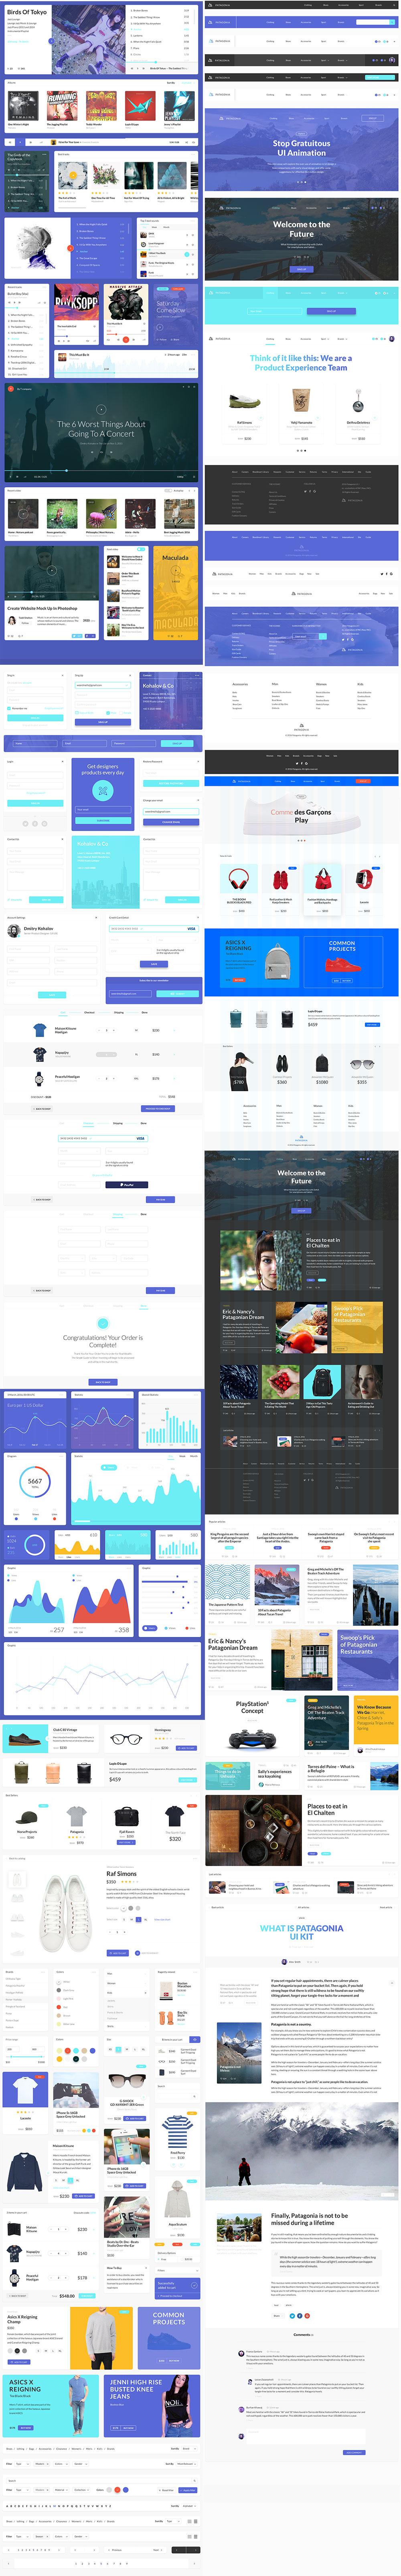 新鲜时尚的企业&电商网站组件模版PSD下载